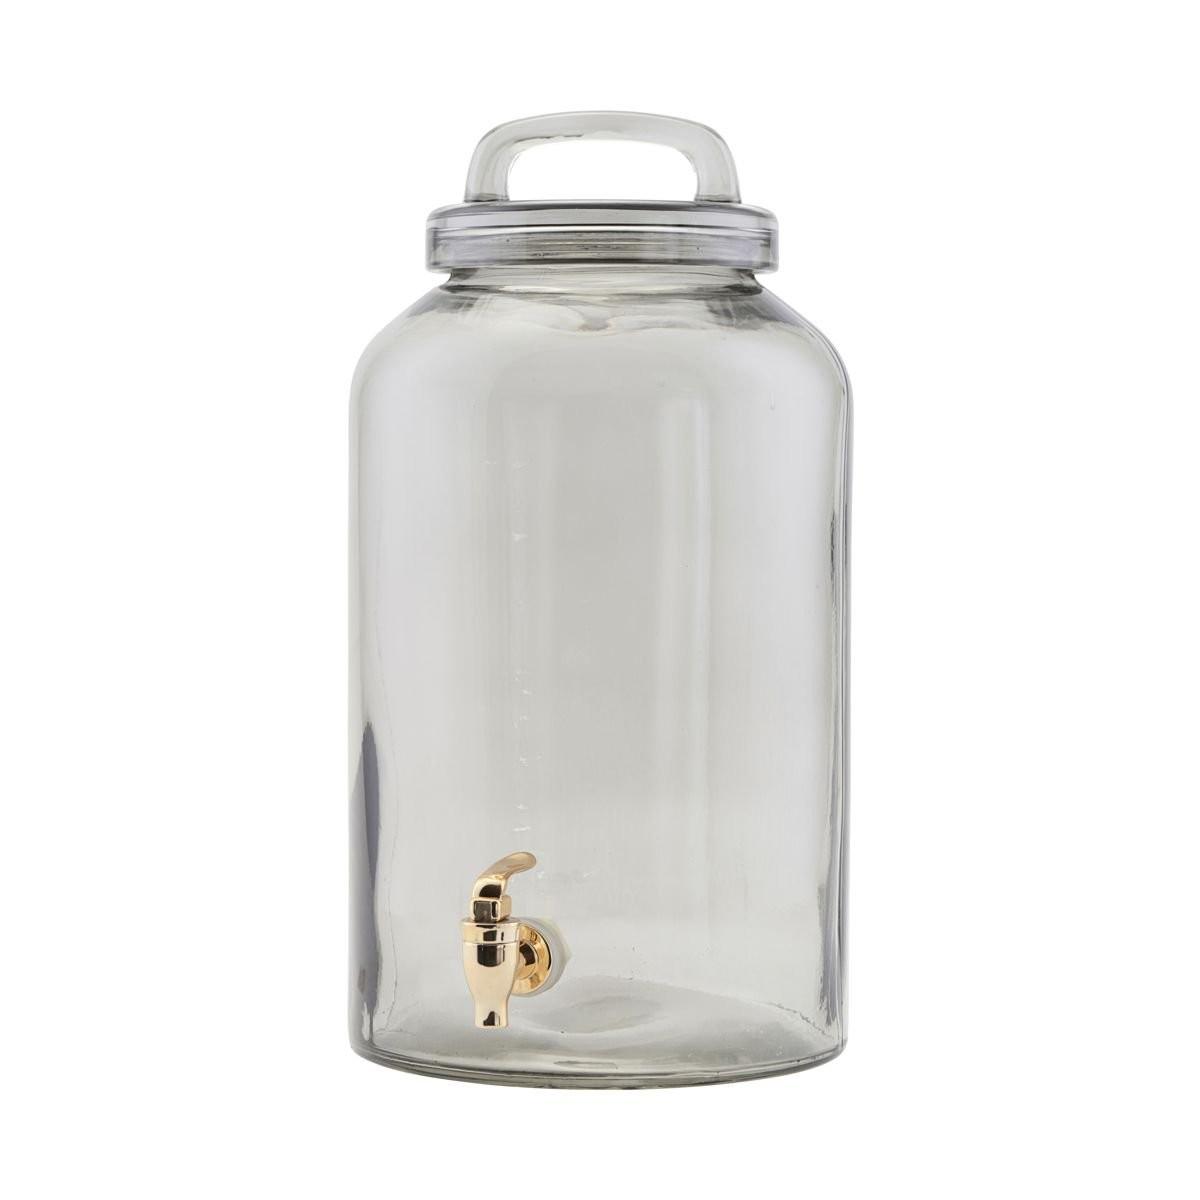 Sada 2 ks – Skleněná nádoba na nápoje s kohoutkem Ice cold